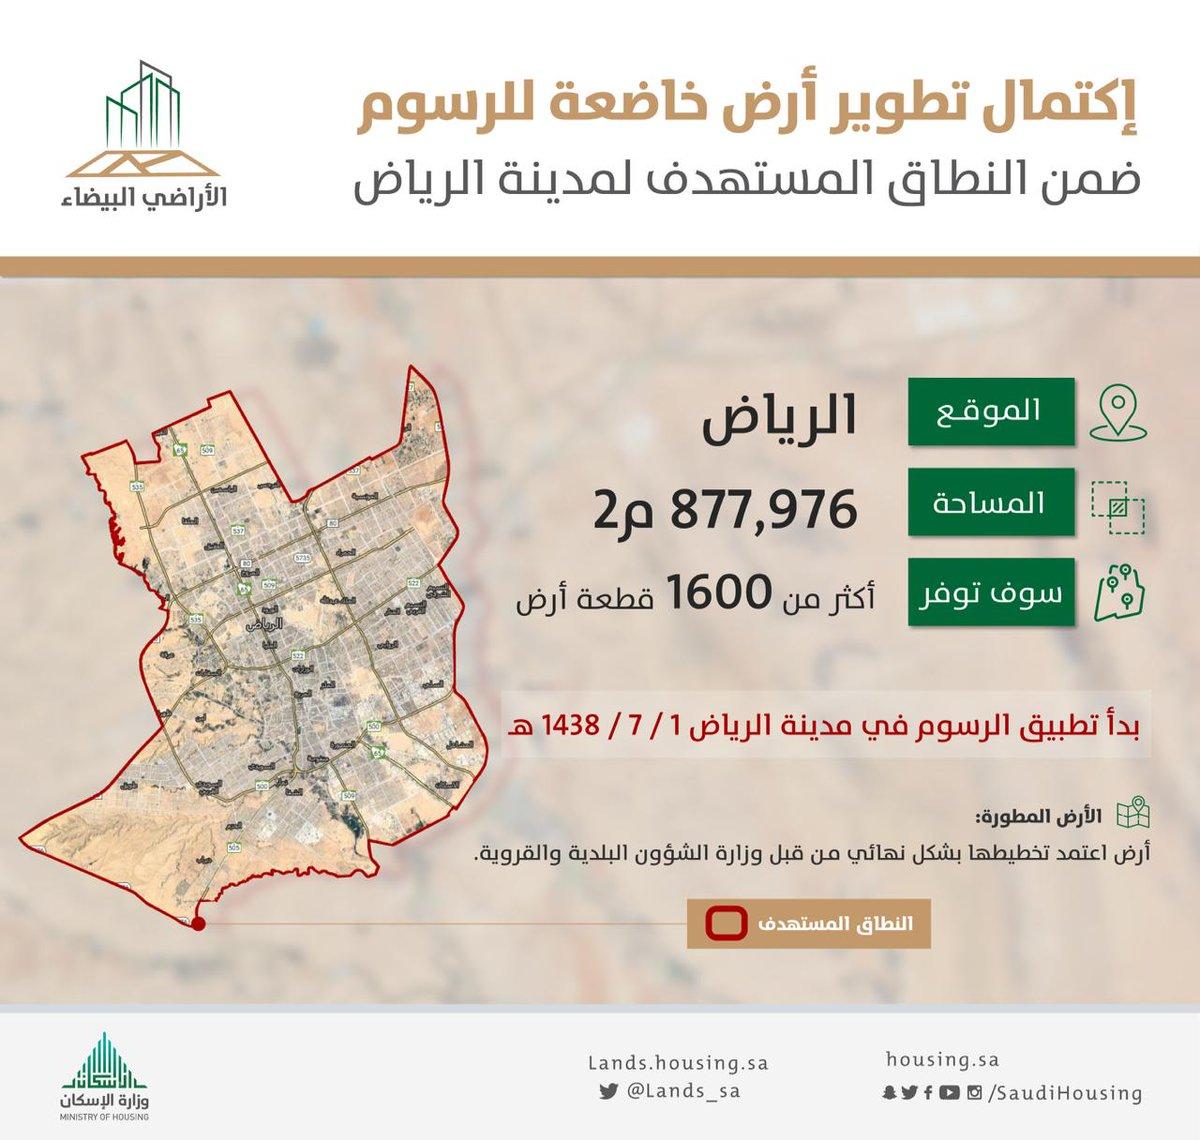 """""""#الأراضي_البيضاء"""": الانتهاء من تطوير 4 أراضِ توفّر 1600 قطعة سكنية من قبل ملاكها في #الرياض"""